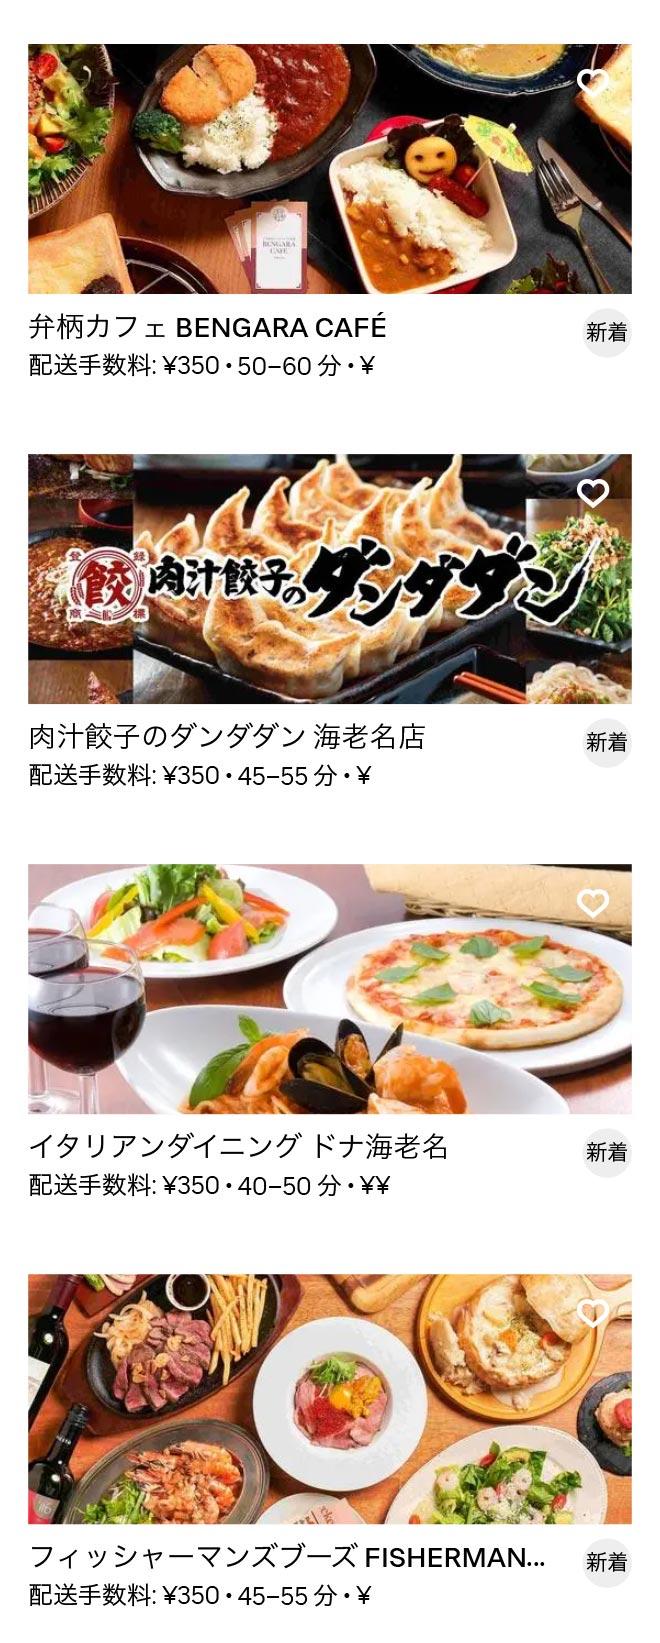 Honatsugi menu 2010 09